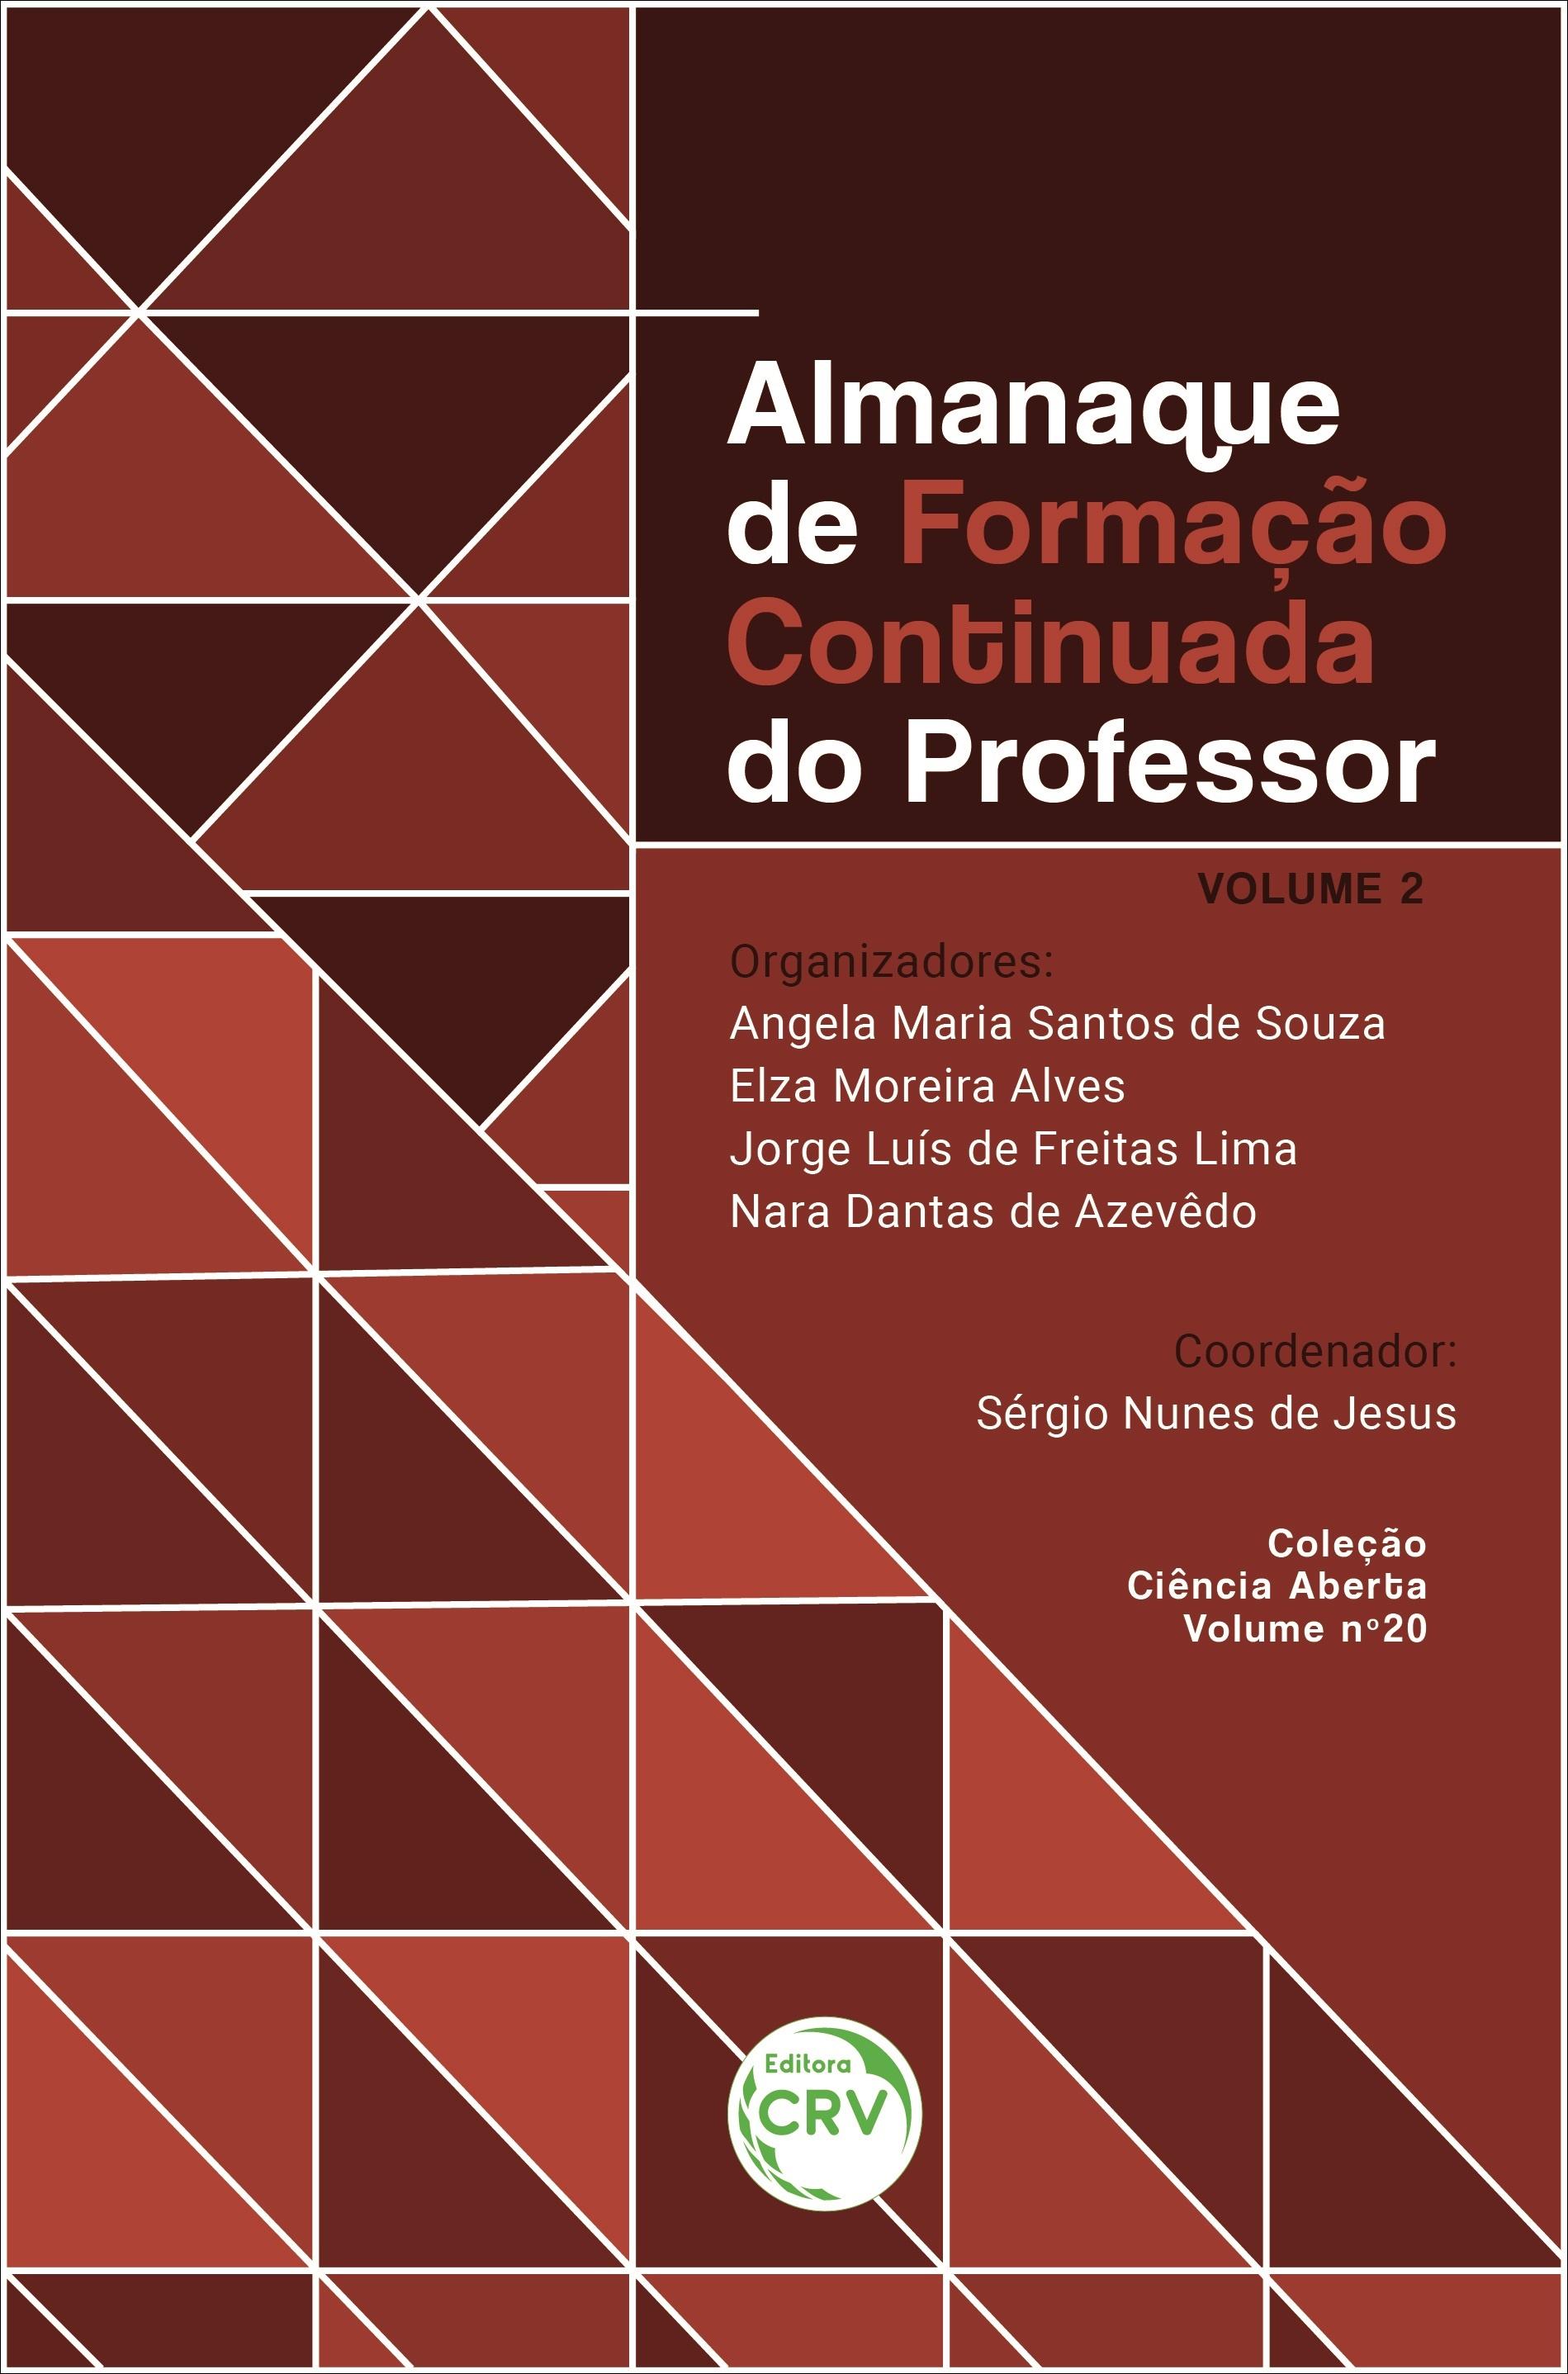 Capa do livro: ALMANAQUE DE FORMAÇÃO CONTINUADA DO PROFESSOR<br> VOLUME 2 <br>Coleção Ciência Aberta - Volume 20